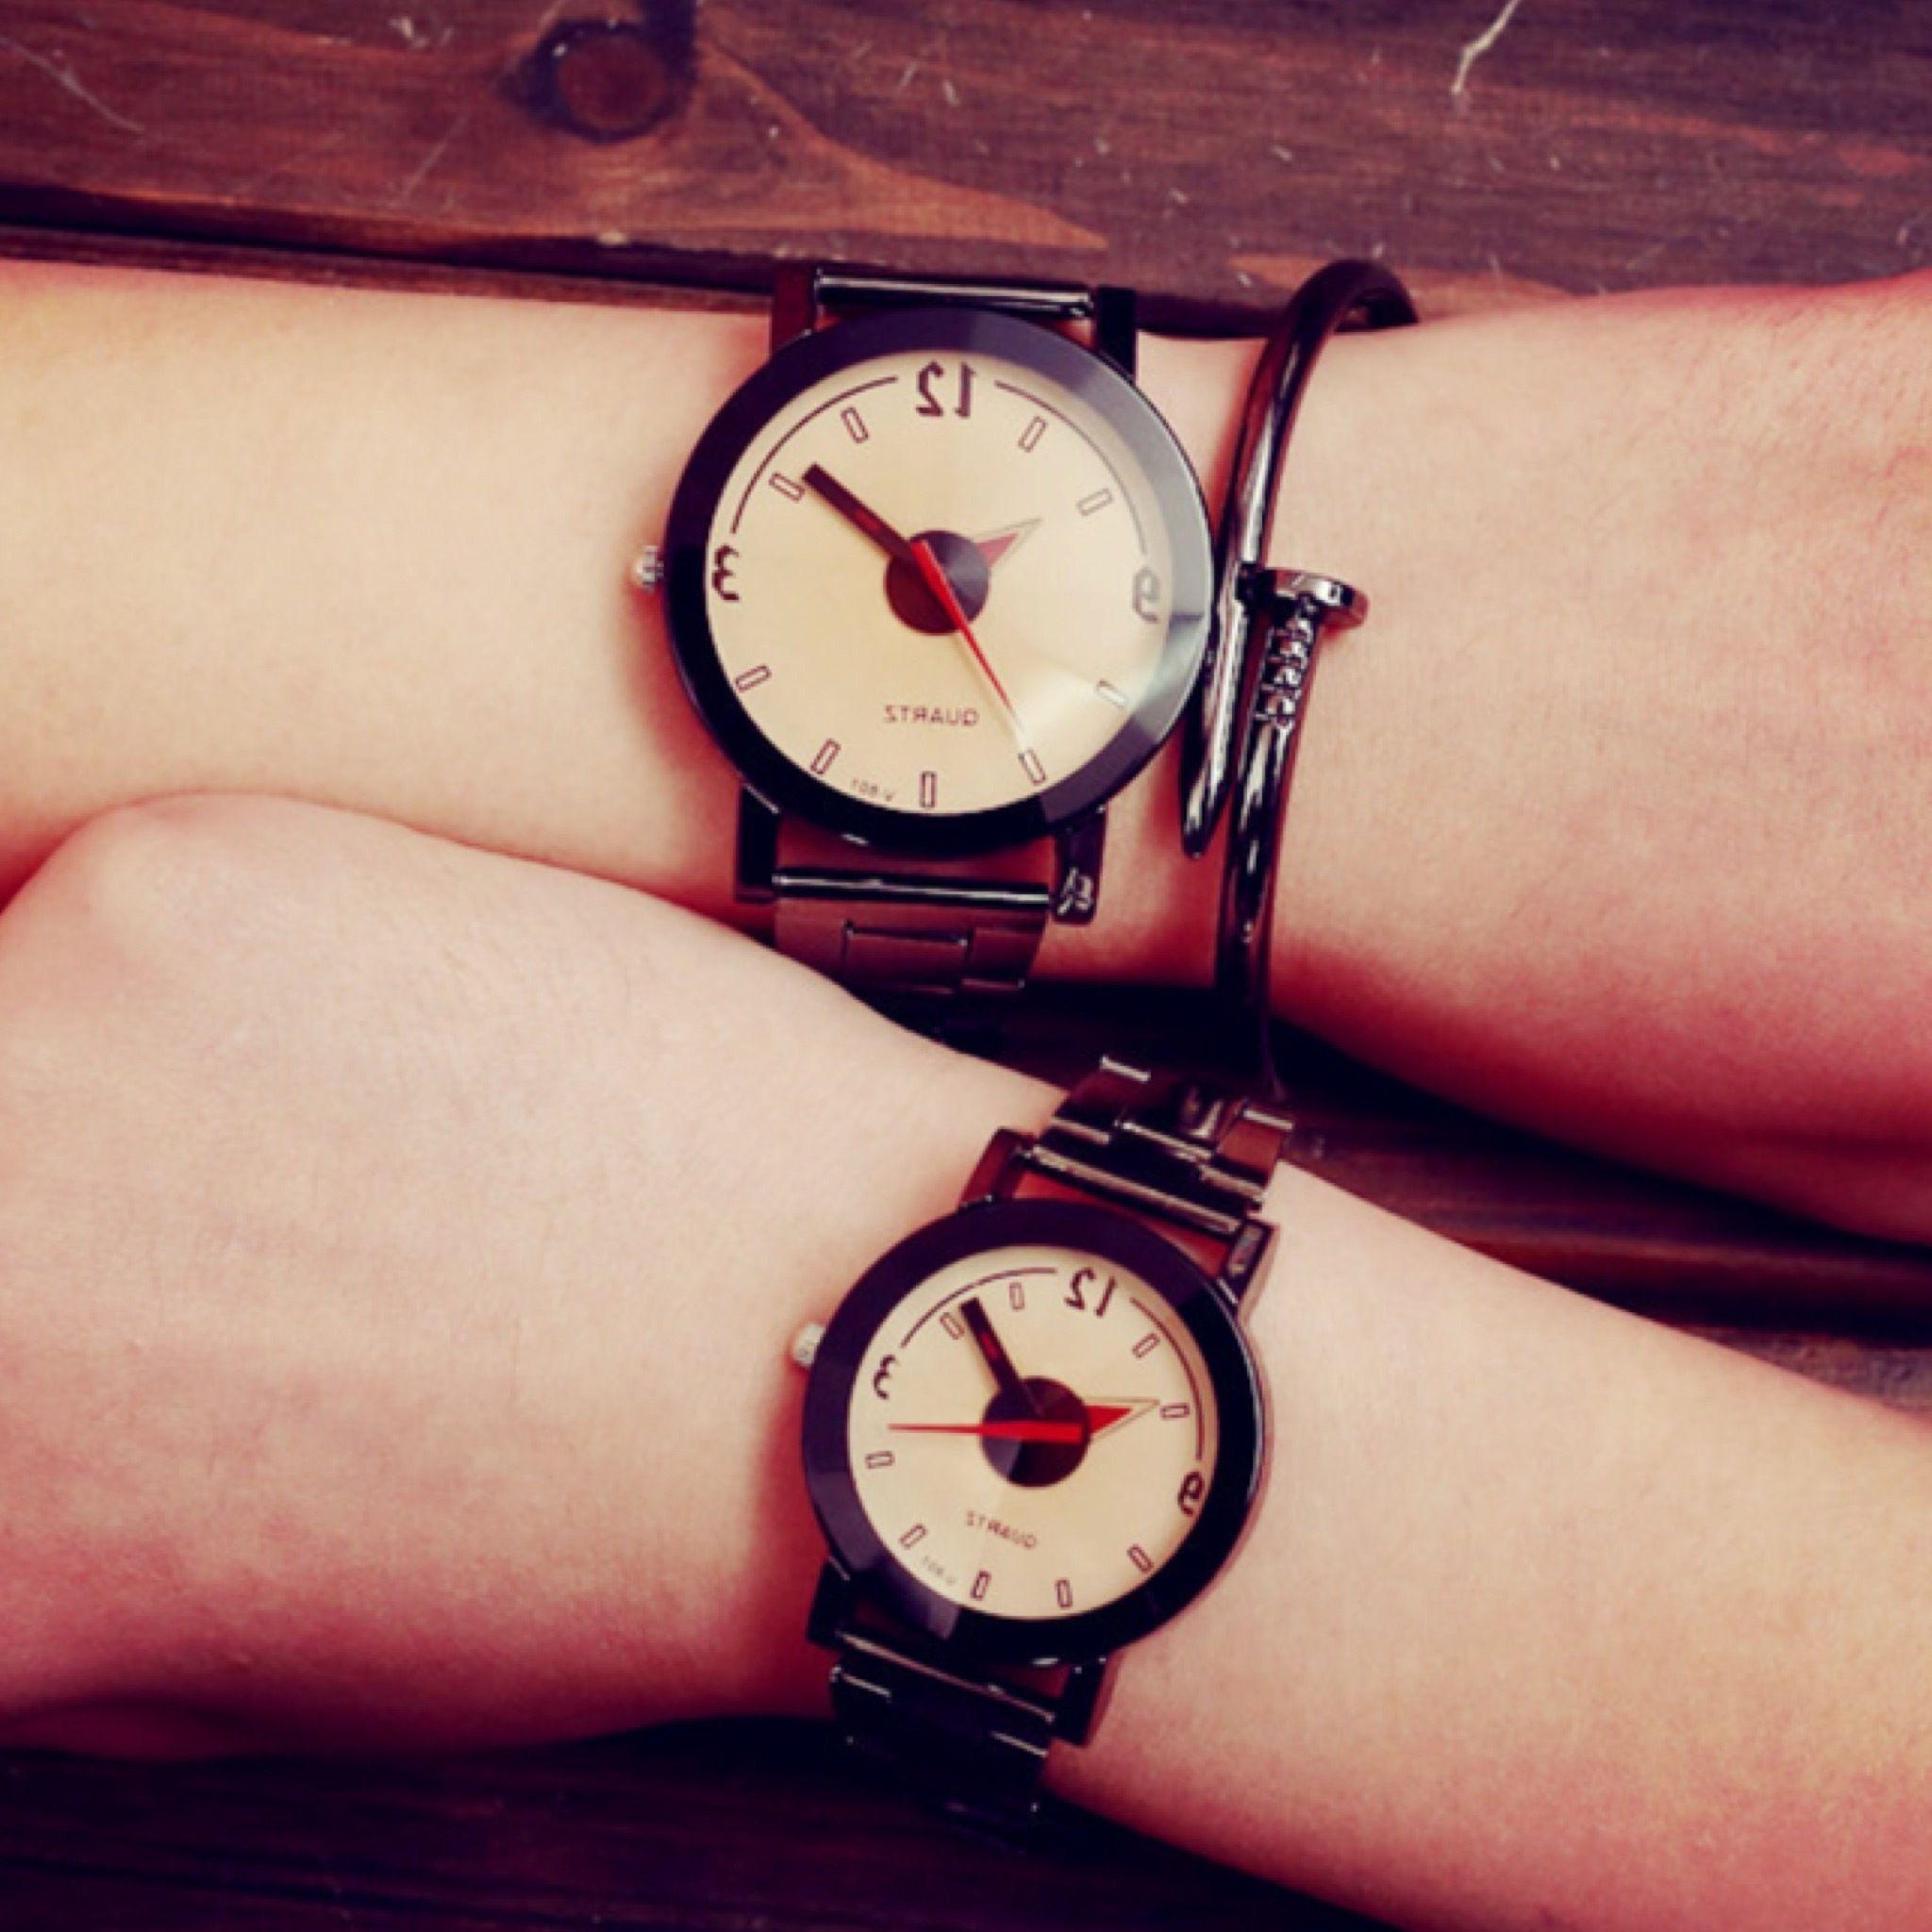 ペア価格】クリアペアウォッチ ホワイト レディース×メンズ シンプル ギフト 人気 プレゼント 時計 おしゃれ 安い かわいい スケルトン ブレスレット 腕時計